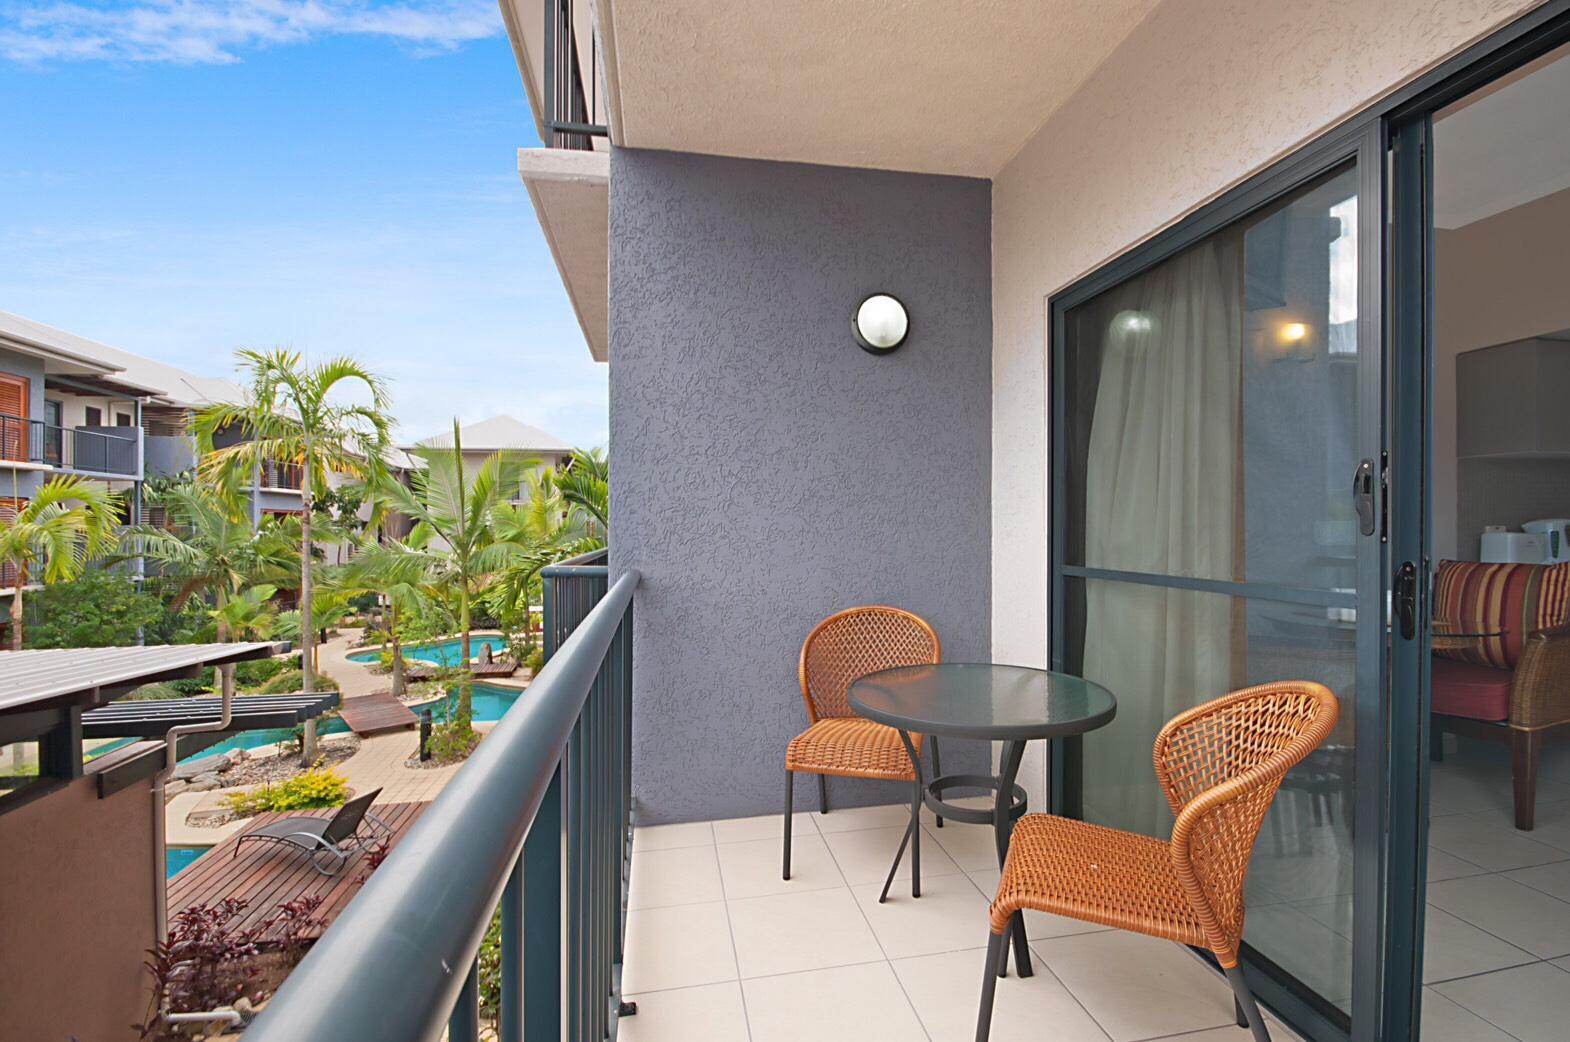 <p>部屋のバルコニーからはホテル内のプールを眺めることが出来ます。</p>